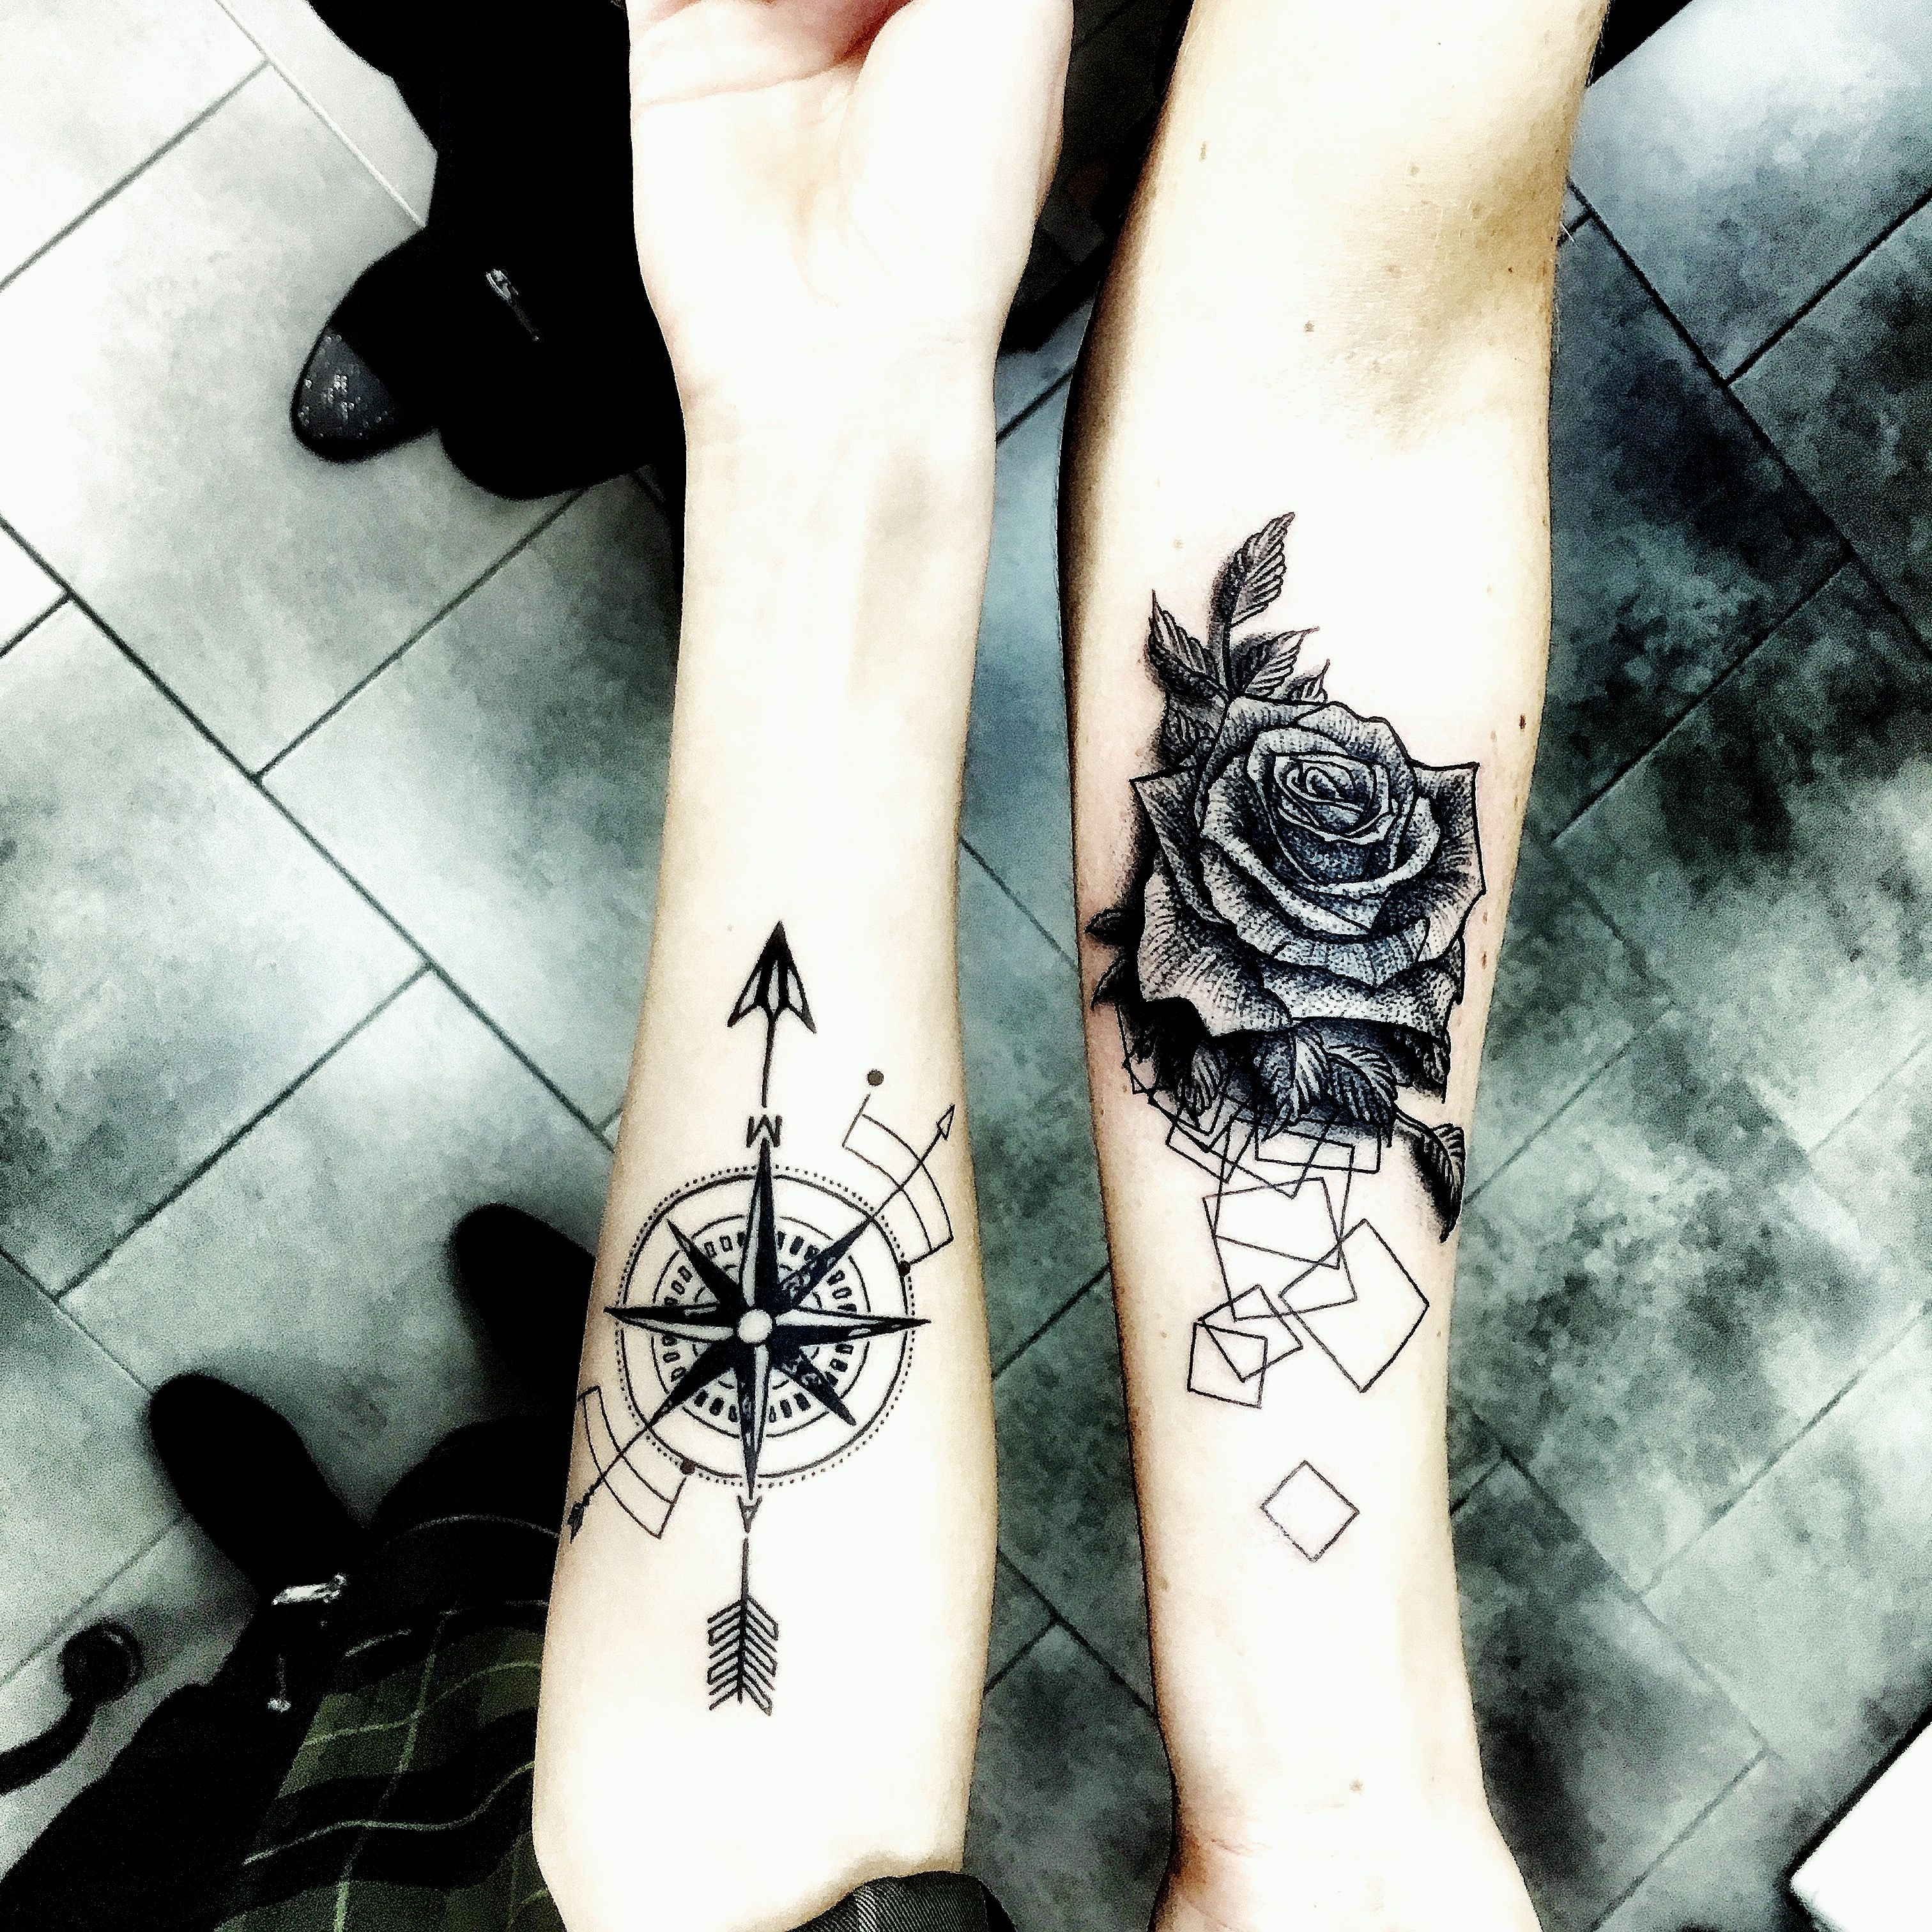 Tatuaże Róża I Róża Wiatru Pomysły Na Tatuaż Dla Słodkiej